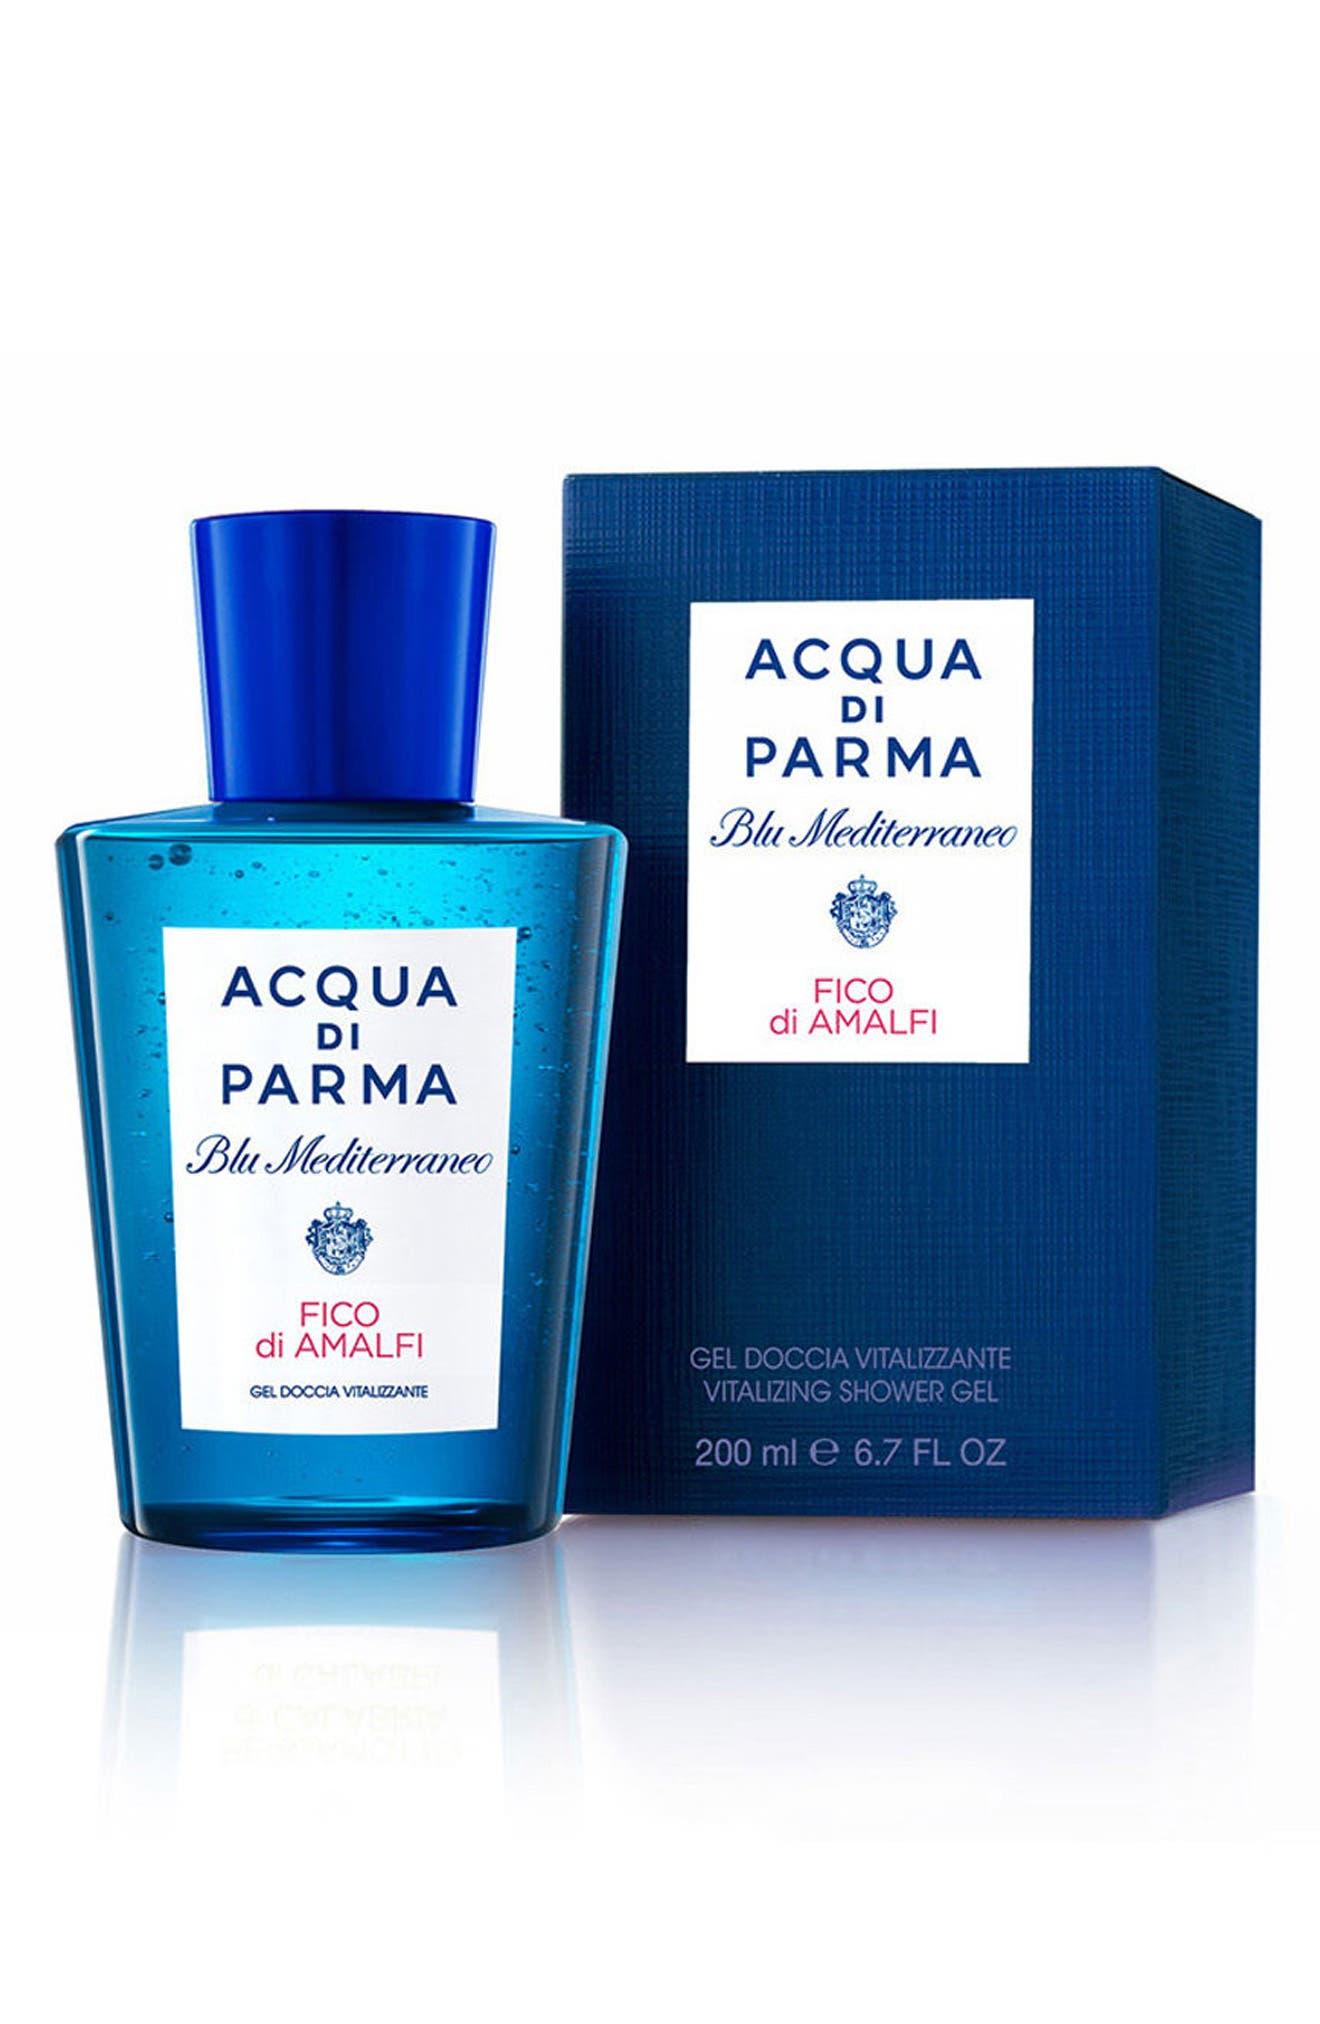 Alternate Image 2  - Acqua di Parma 'Blu Mediterraneo - Fico di Amalfi' Shower Gel